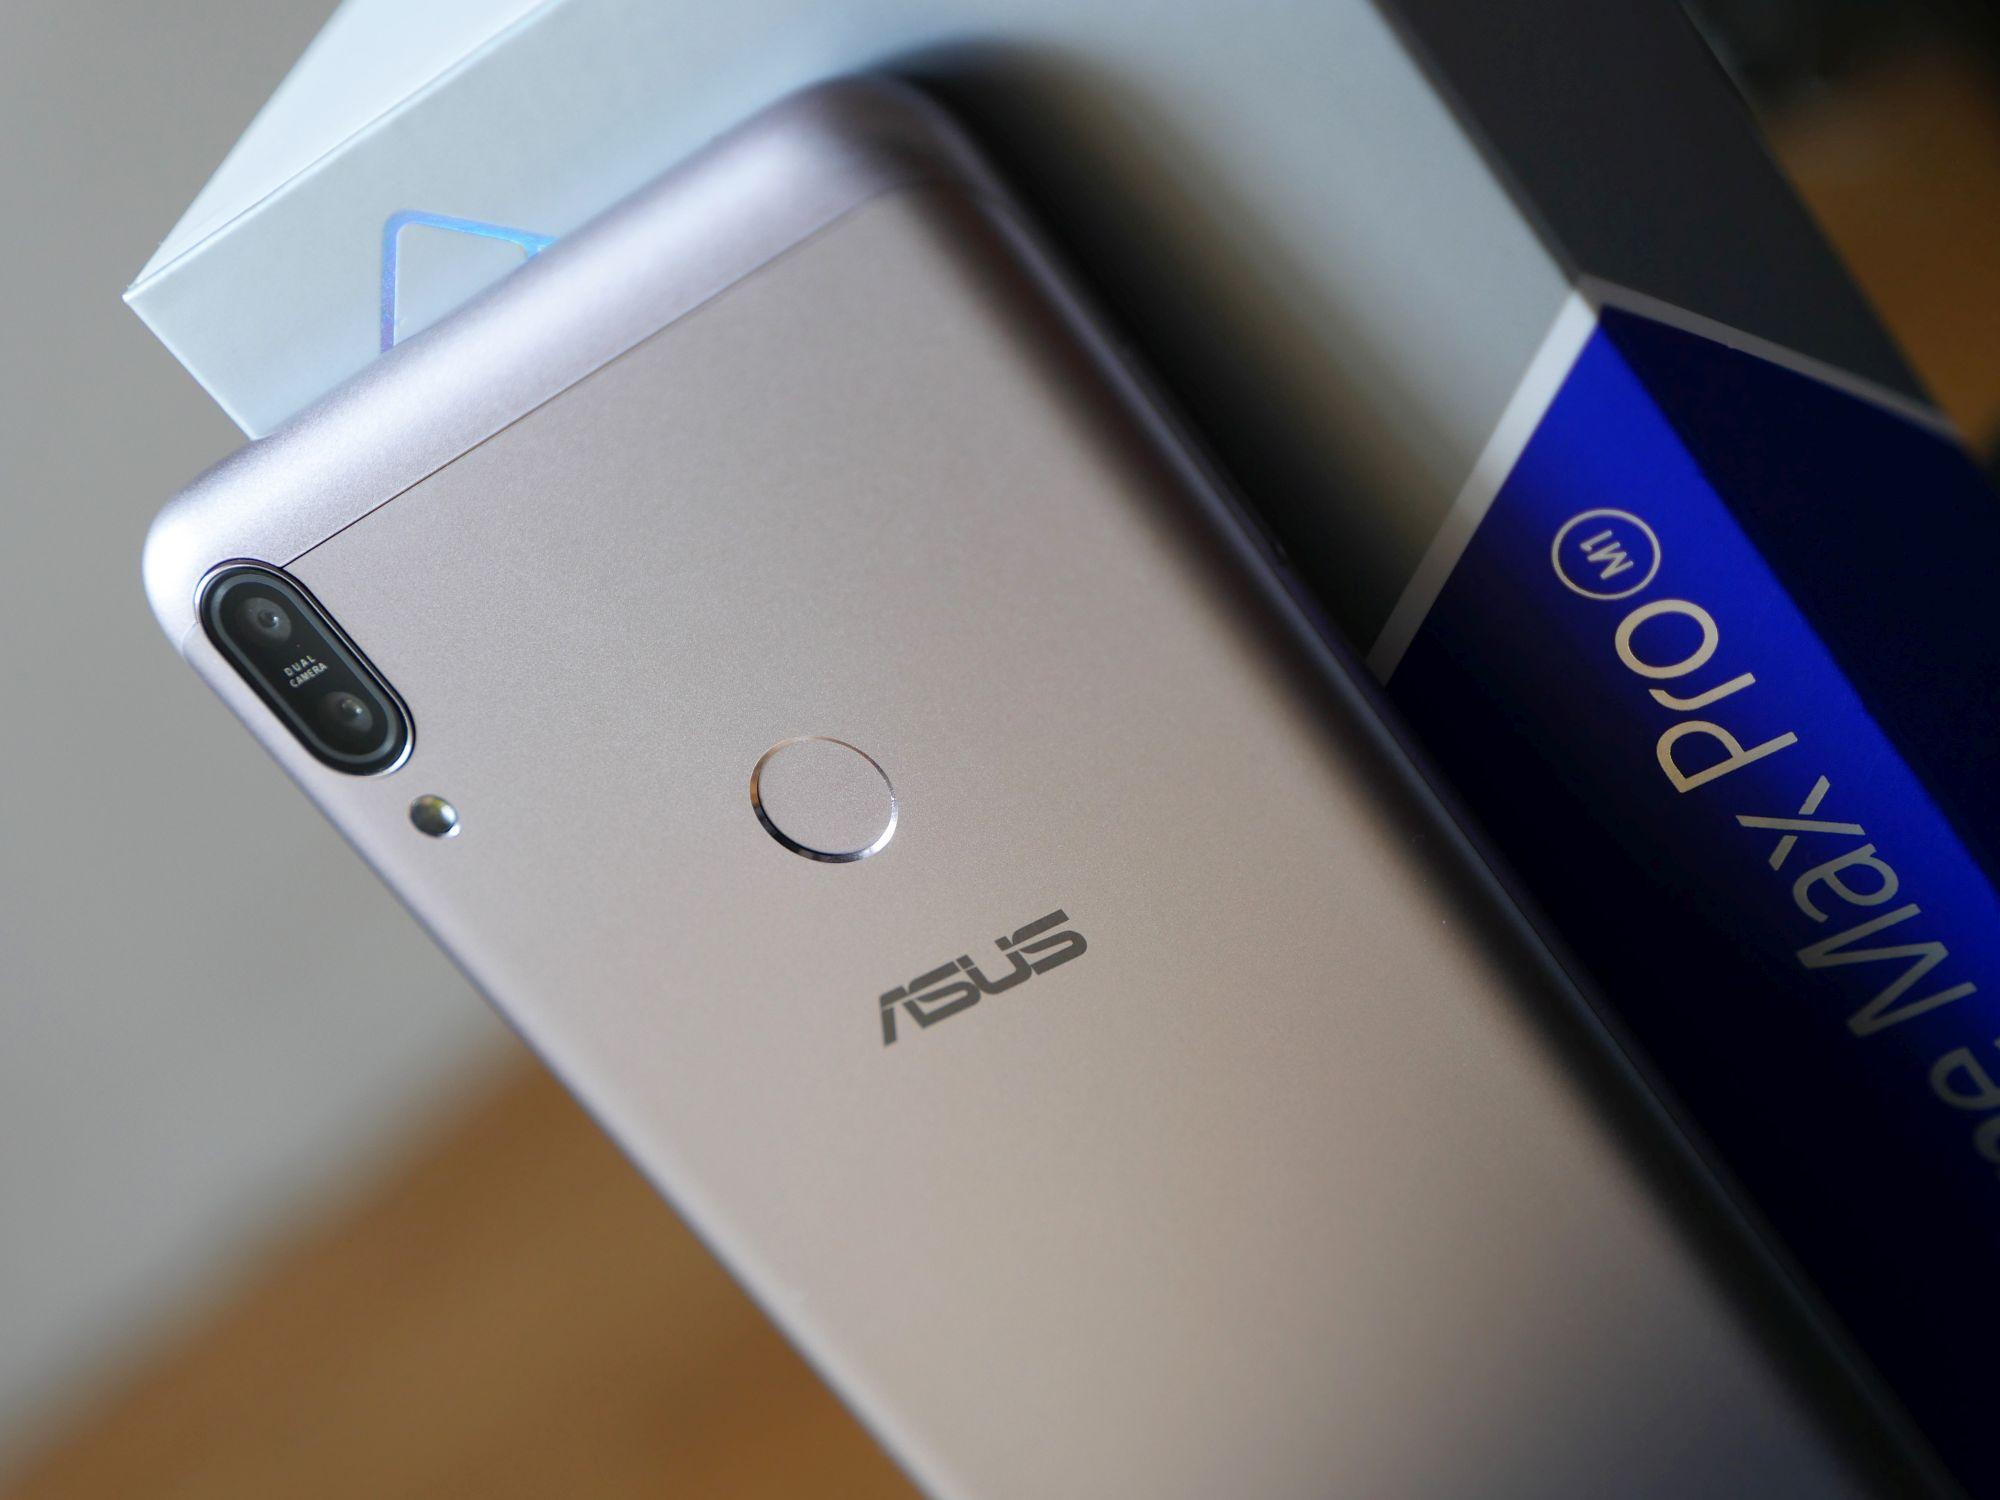 Recenzja Asusa Zenfone Max Pro M1 - NFC i czysty Android za niewielkie pieniądze 21